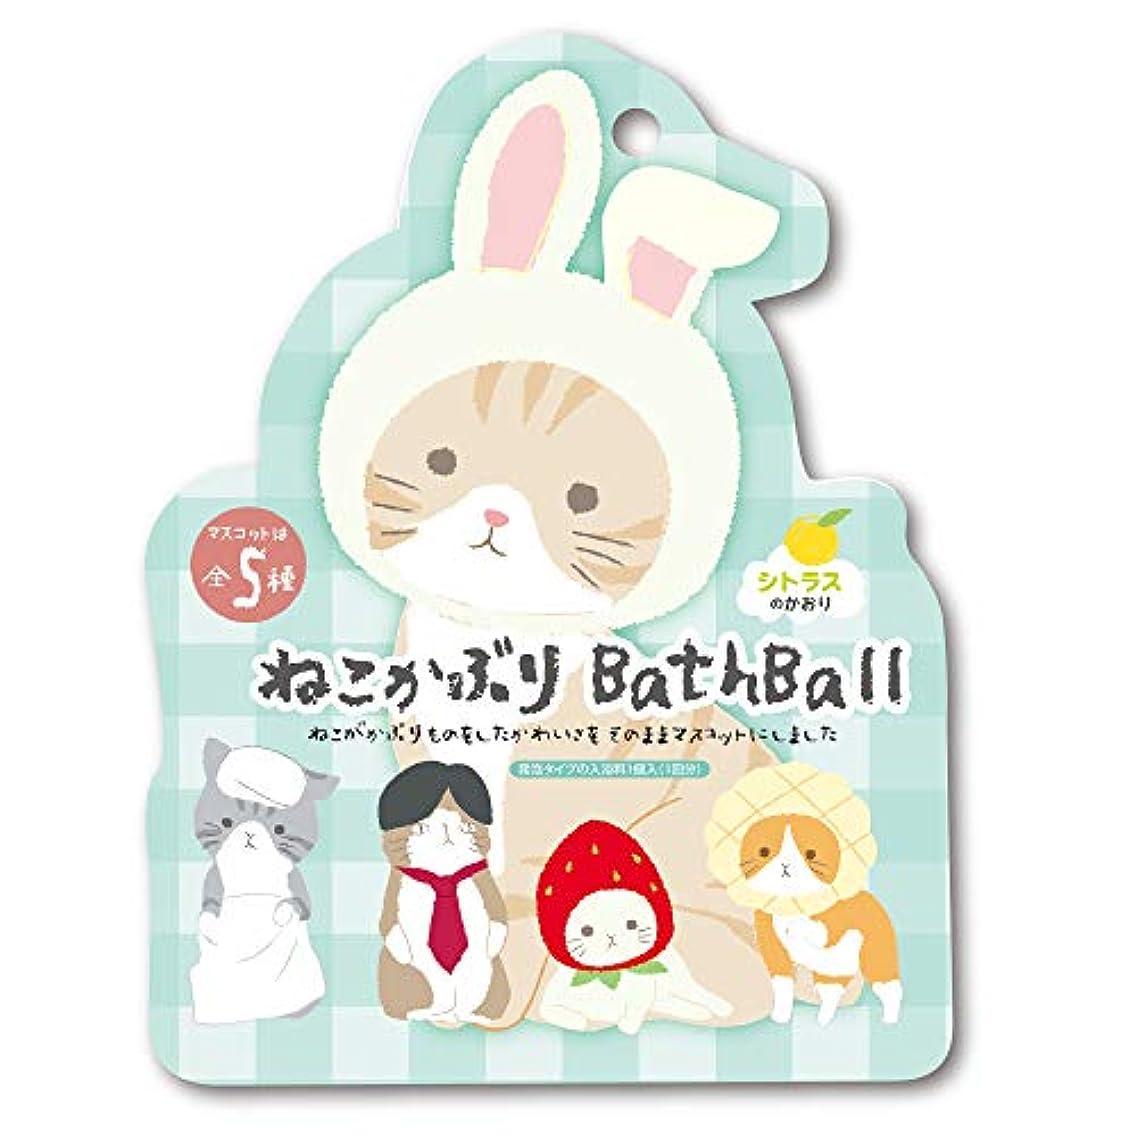 マウンド知る宣言ねこかぶり 入浴剤 バスボール おまけ付き シトラスの香り 50g OB-NEB-3-1